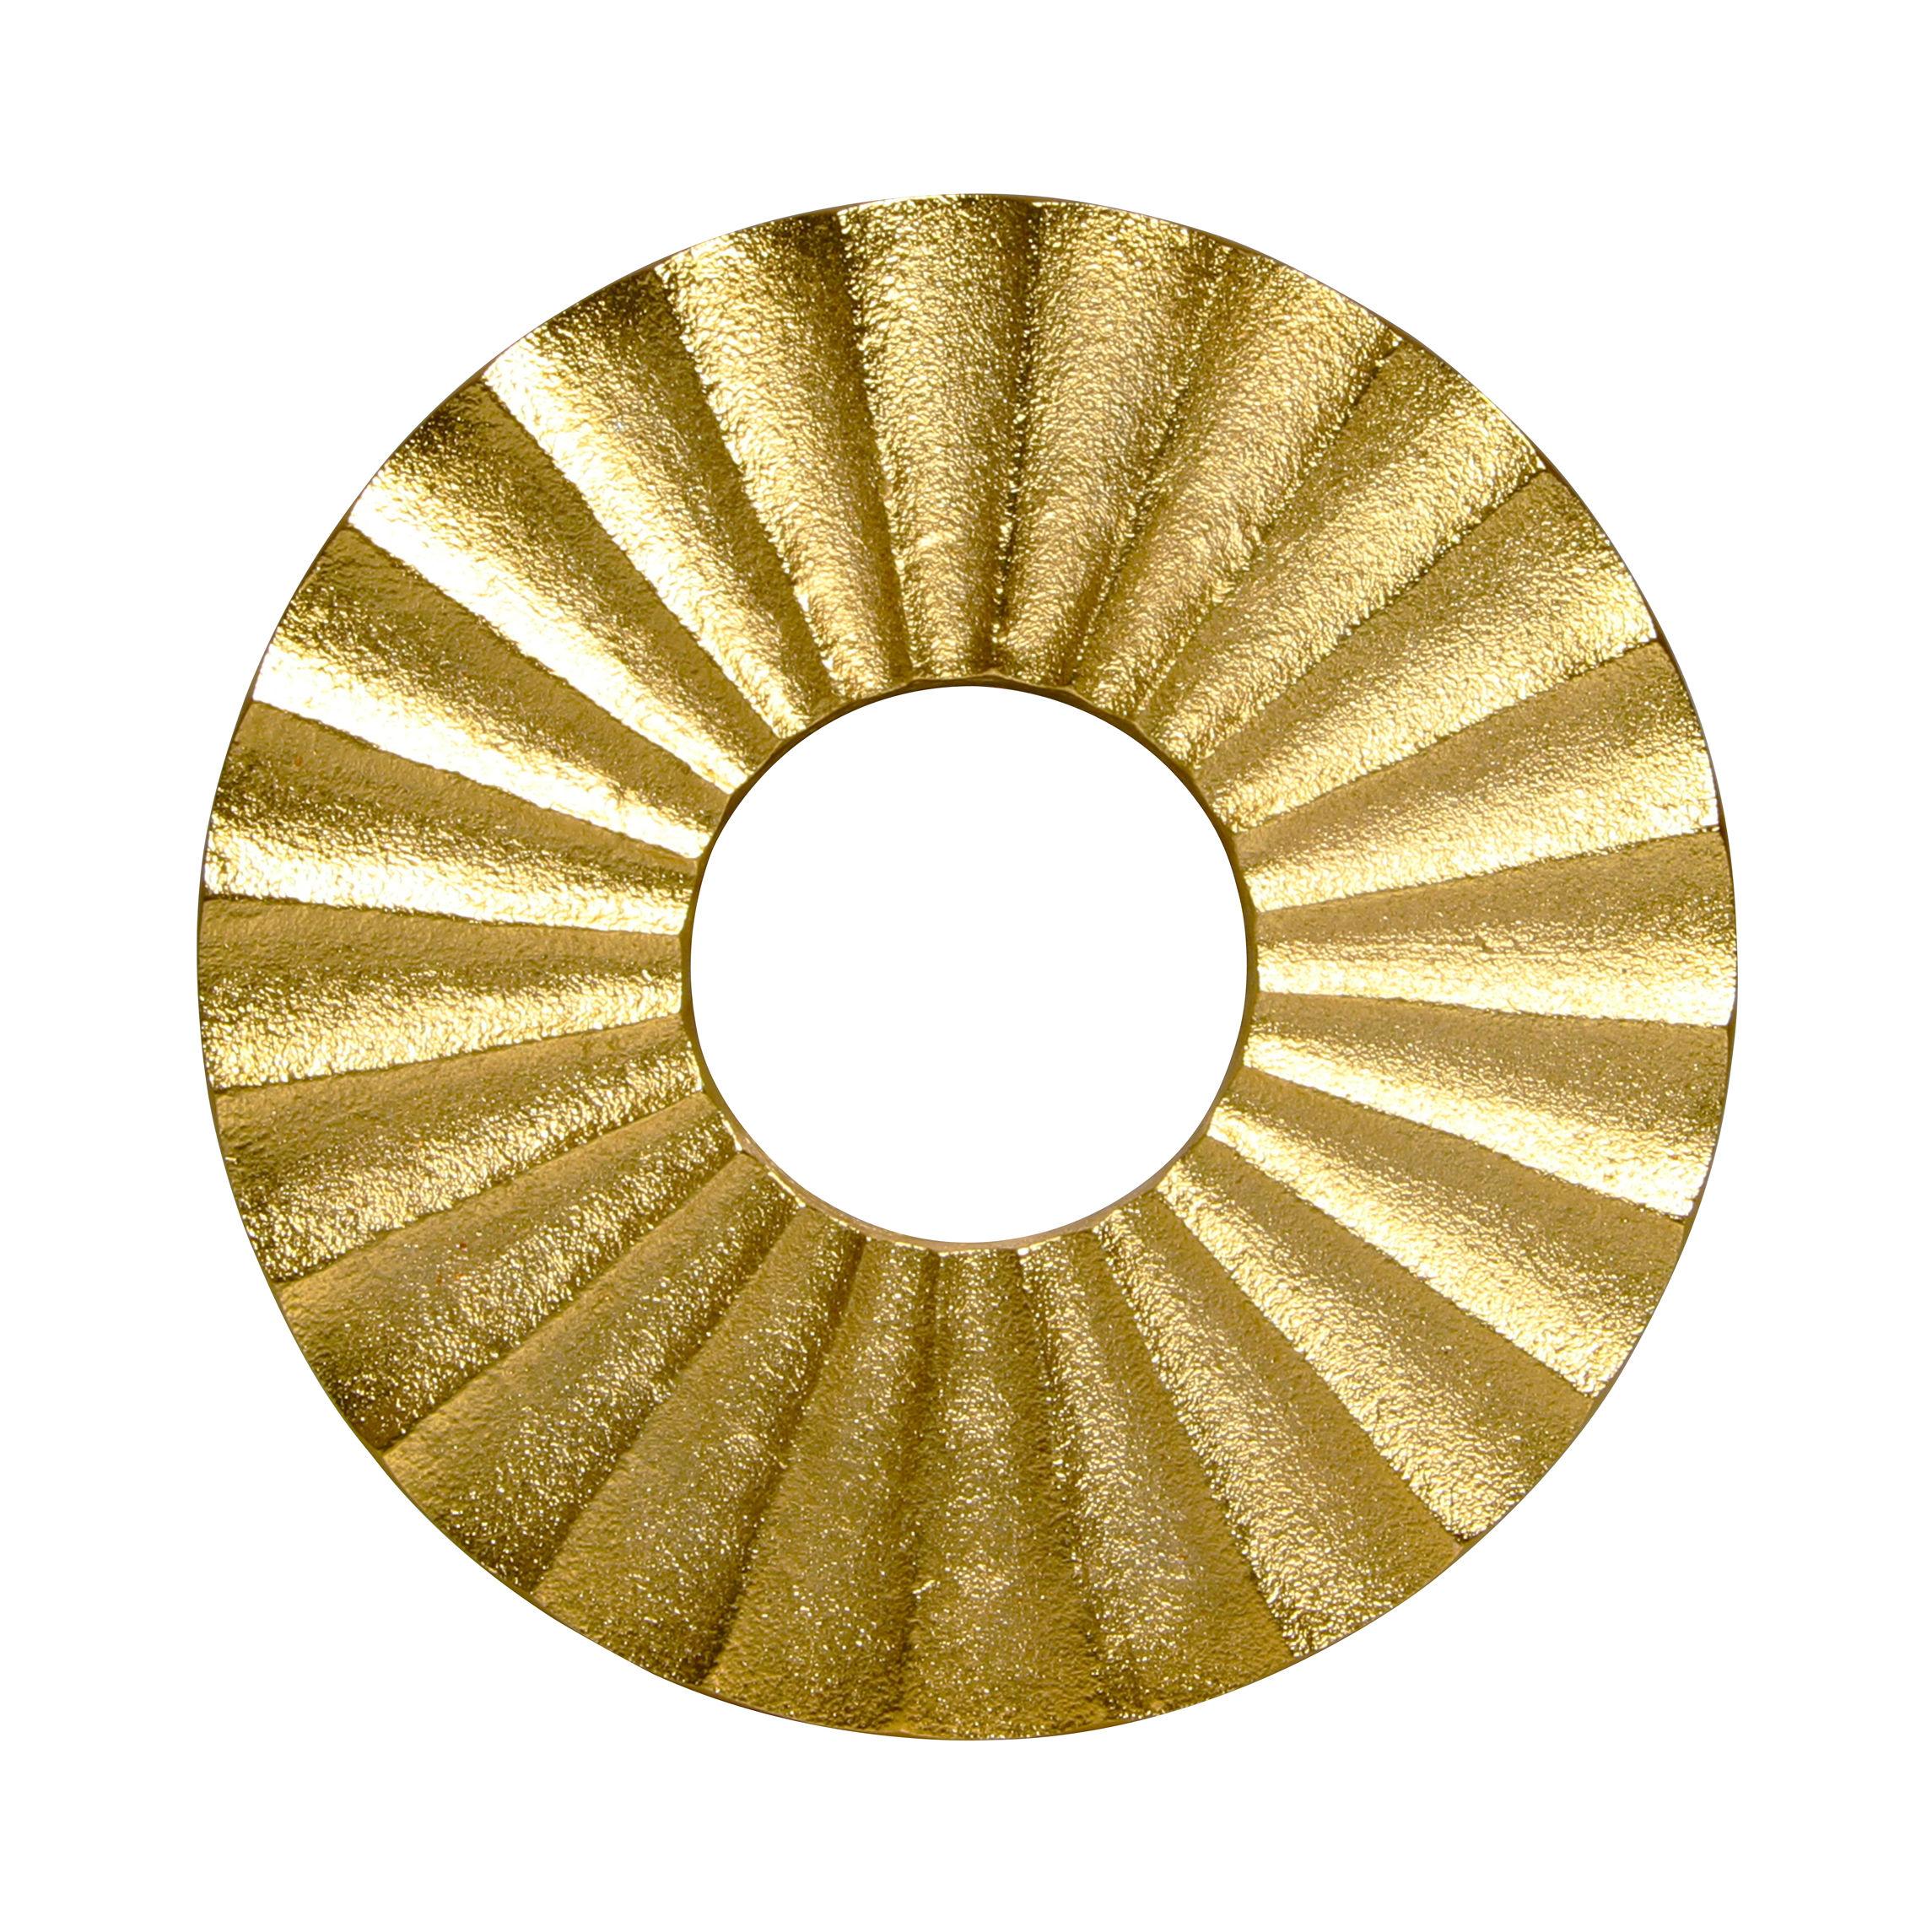 Dessous de plat 15 cm m tal or klevering - Dessous de plat en metal ...